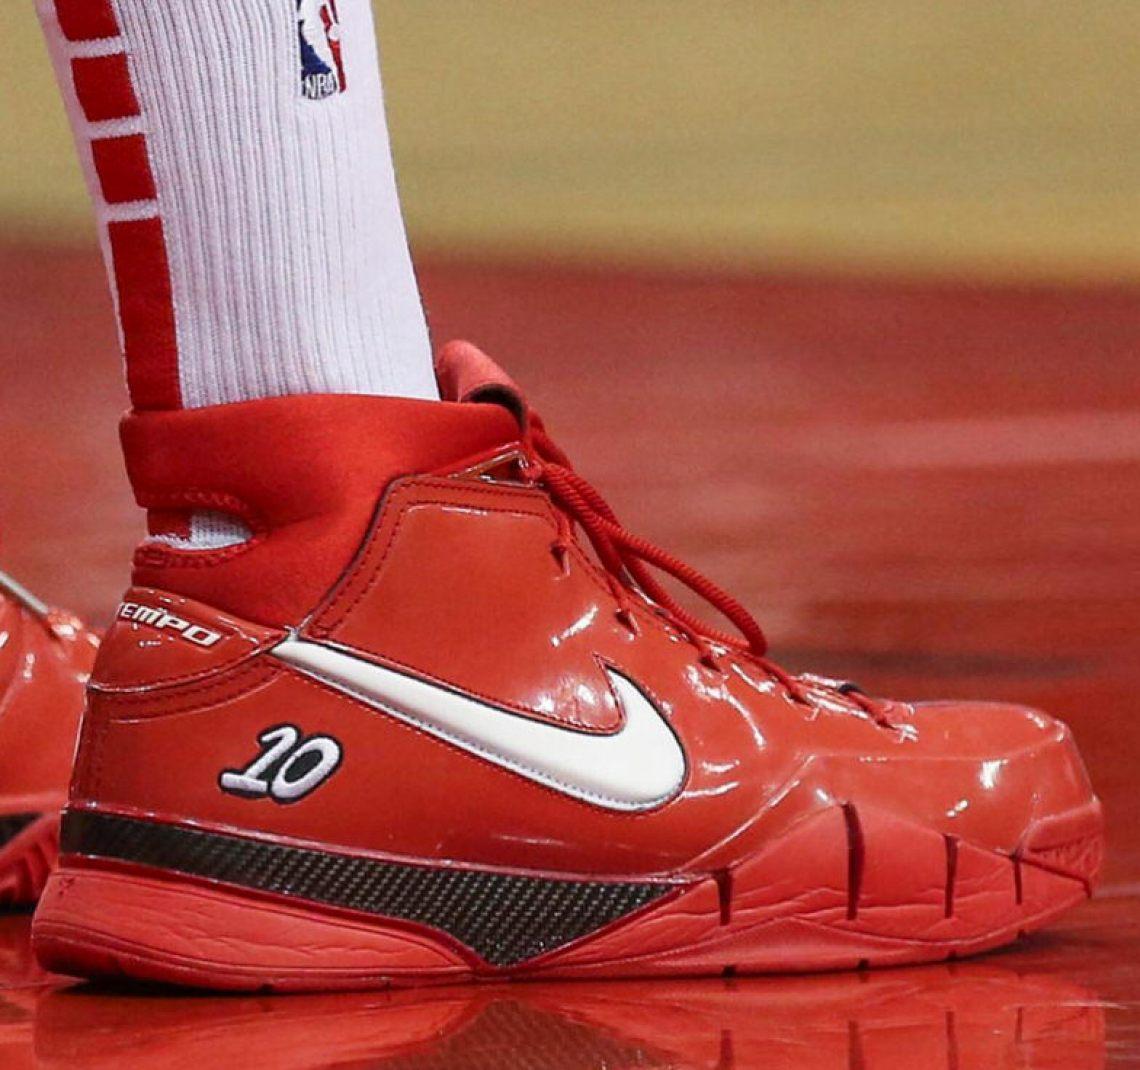 bdbe4d2a577 ... PJ Tucker in the Nike Kobe 1 Protro DeMar DeRozan PE (via Complex  Sneakers) ...